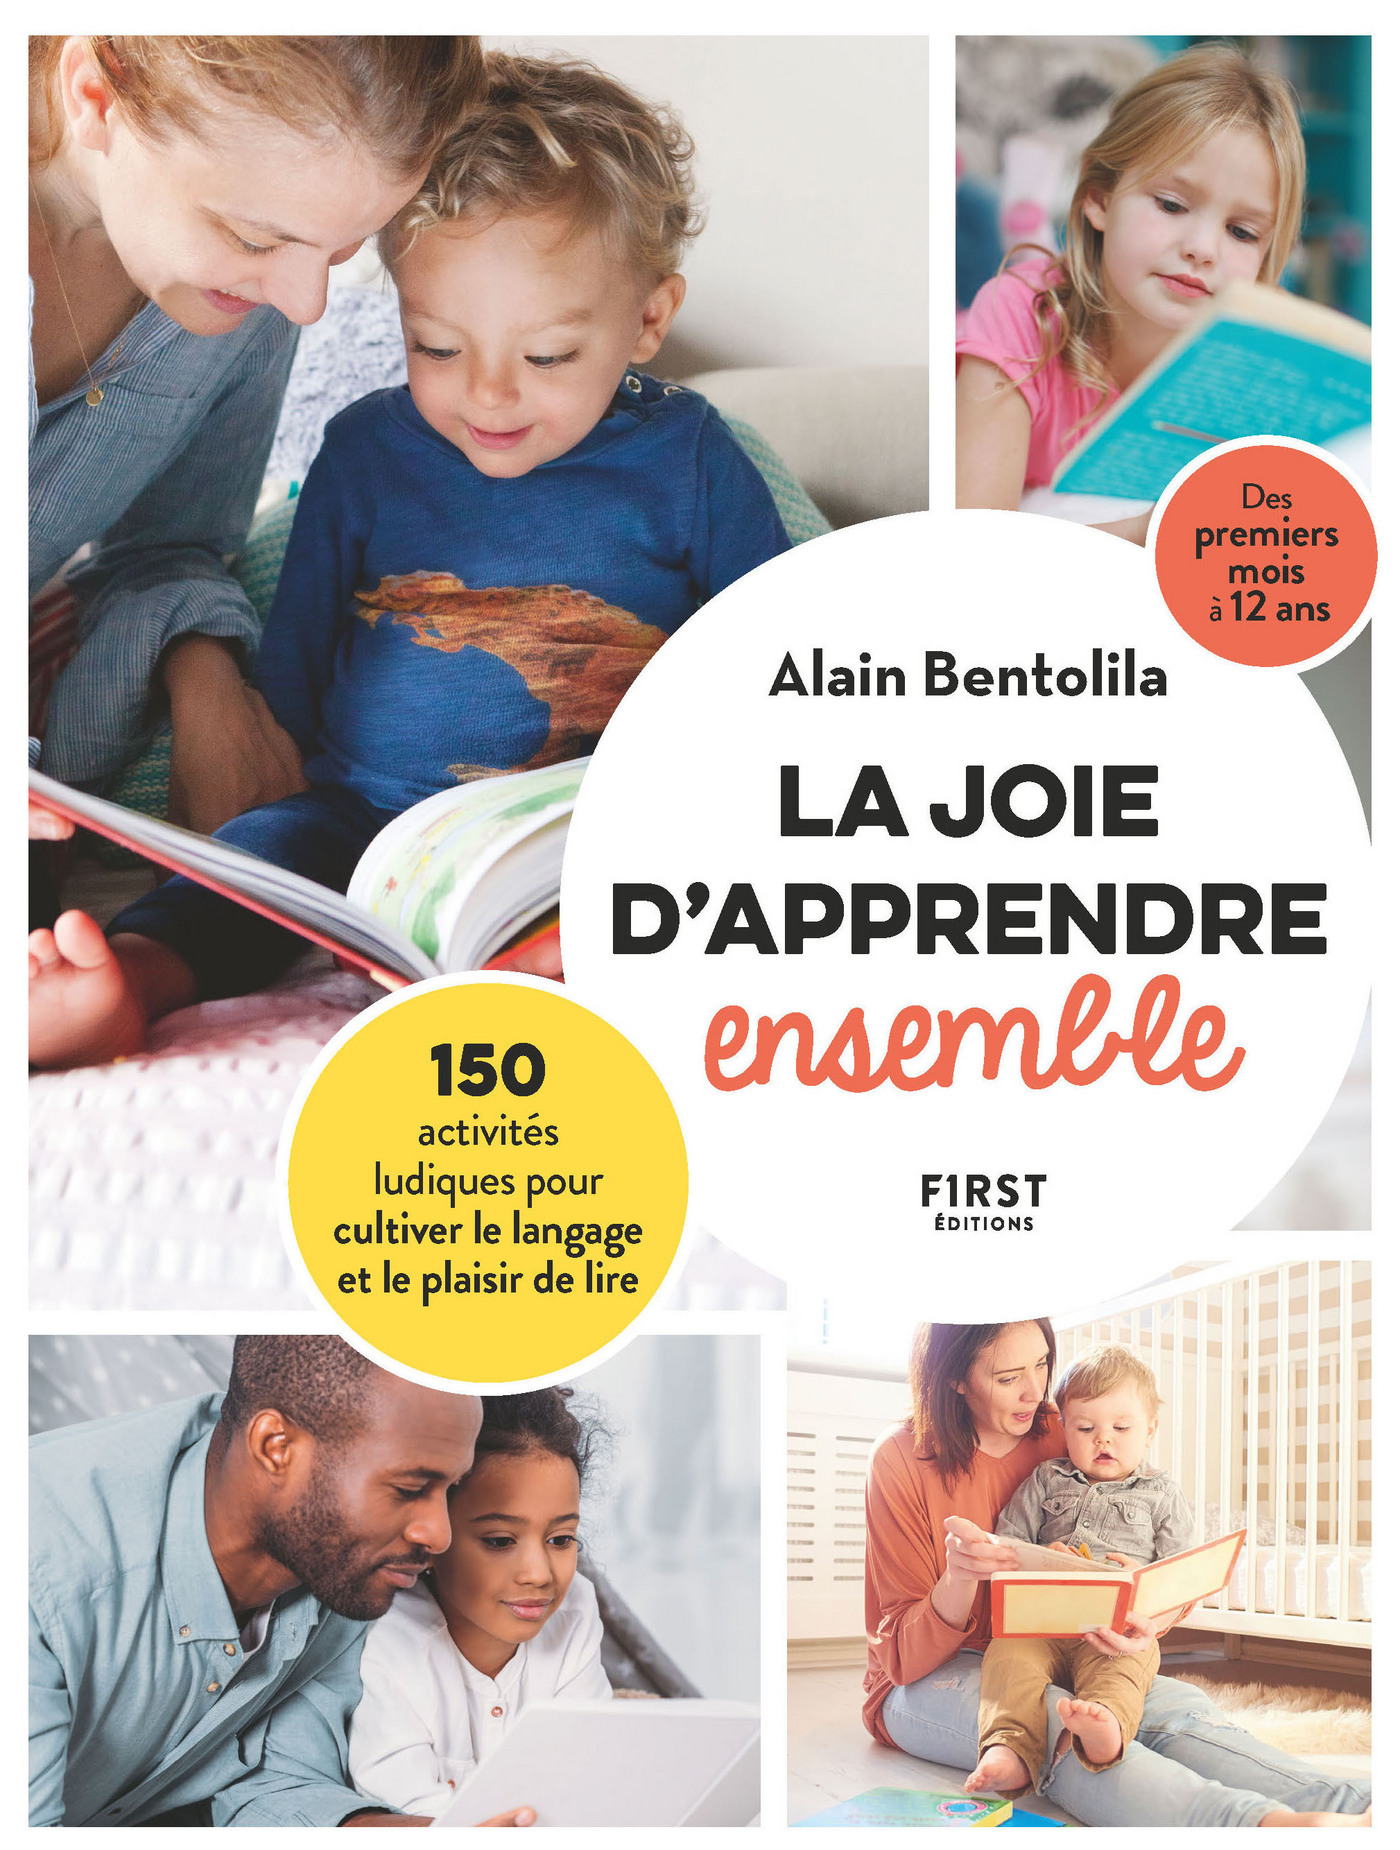 La joie d'apprendre ensemble - 150 activités ludiques pour cultiver le langage et le plaisir de lire